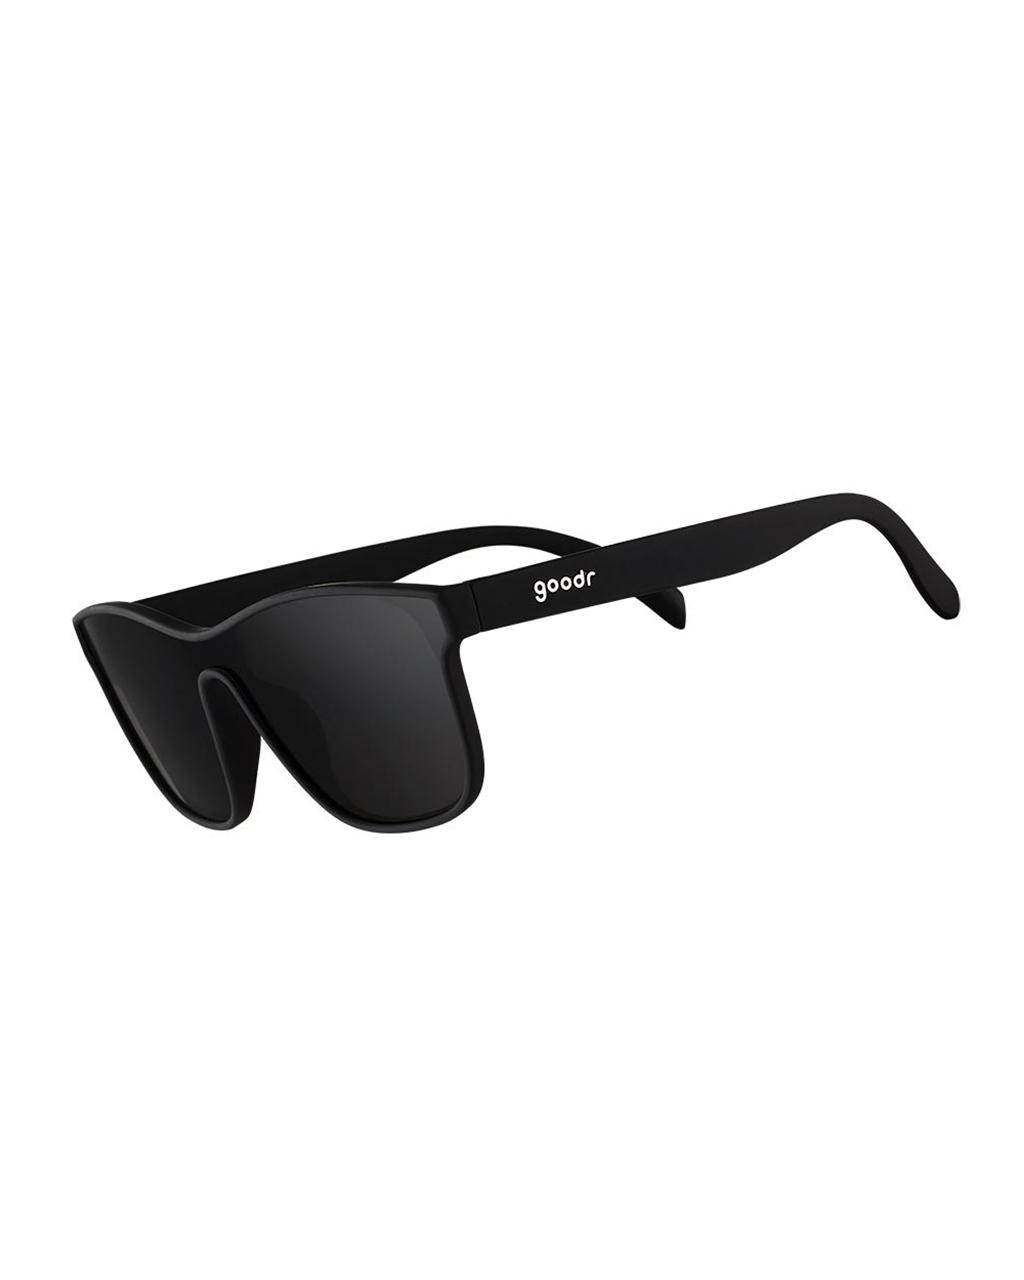 GOODR Goodr VRG Sunglasses